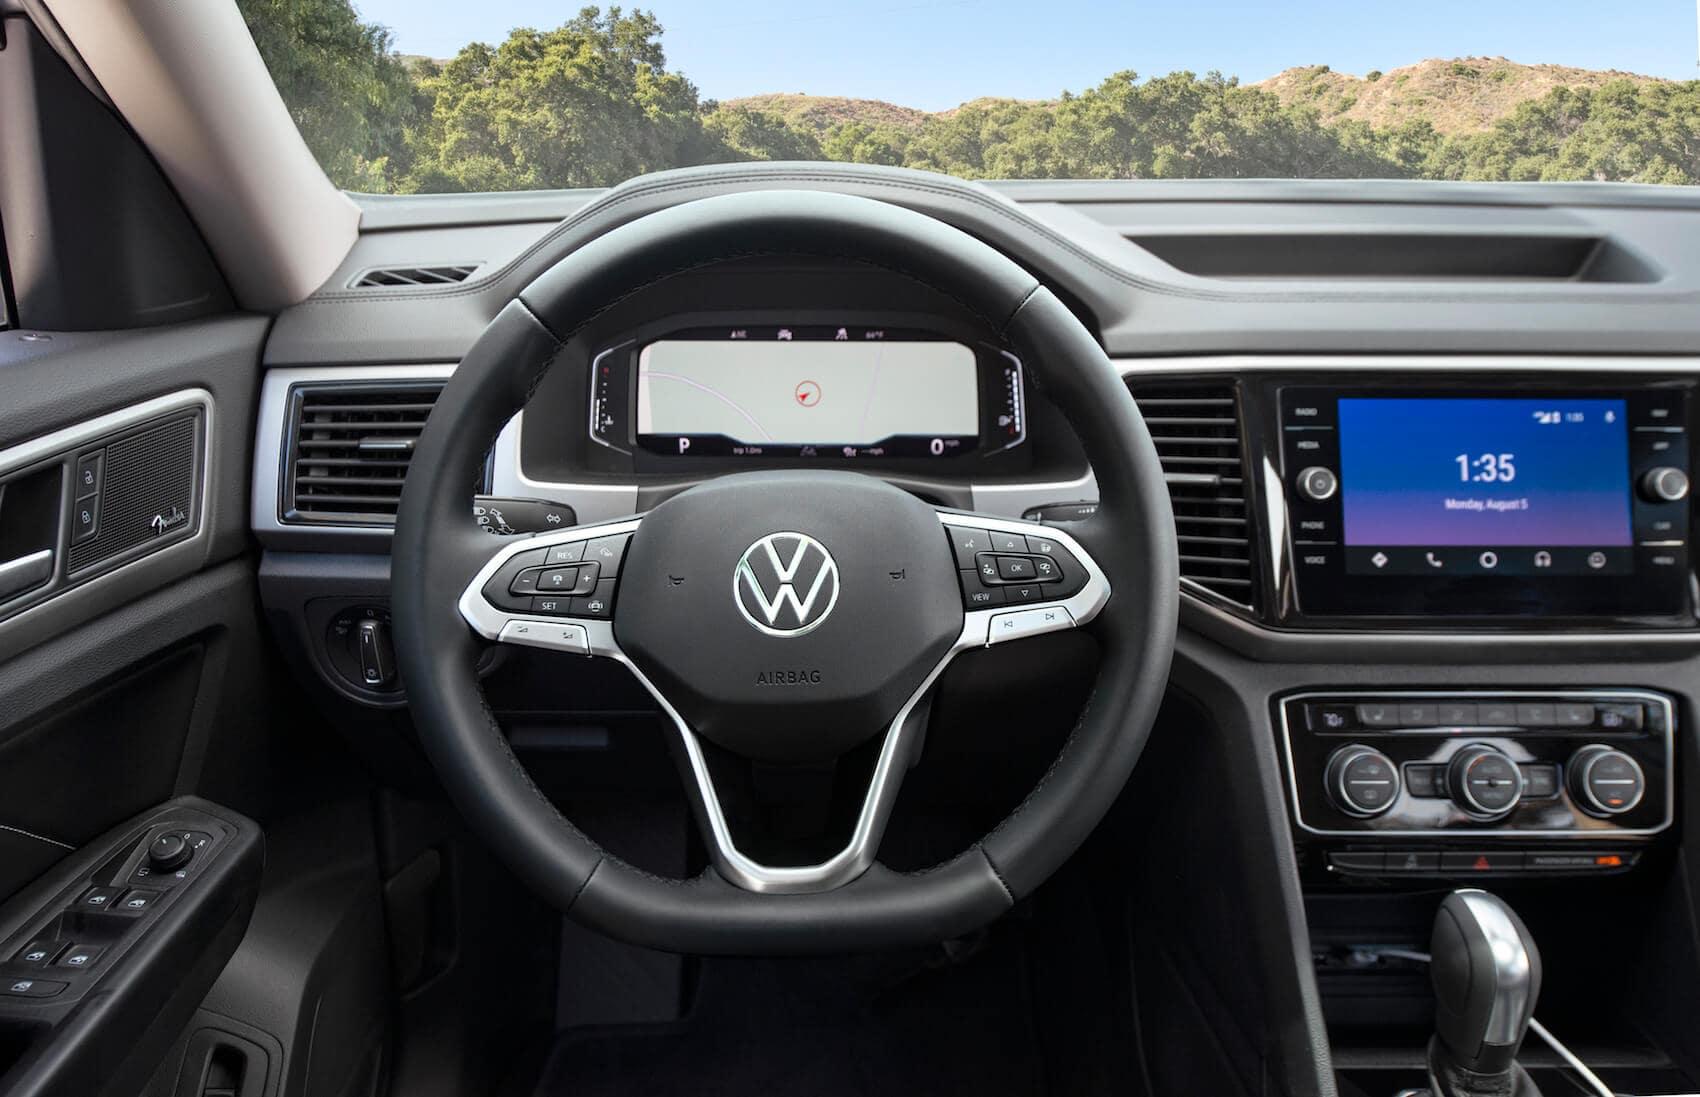 Volkswagen Atlas technology features